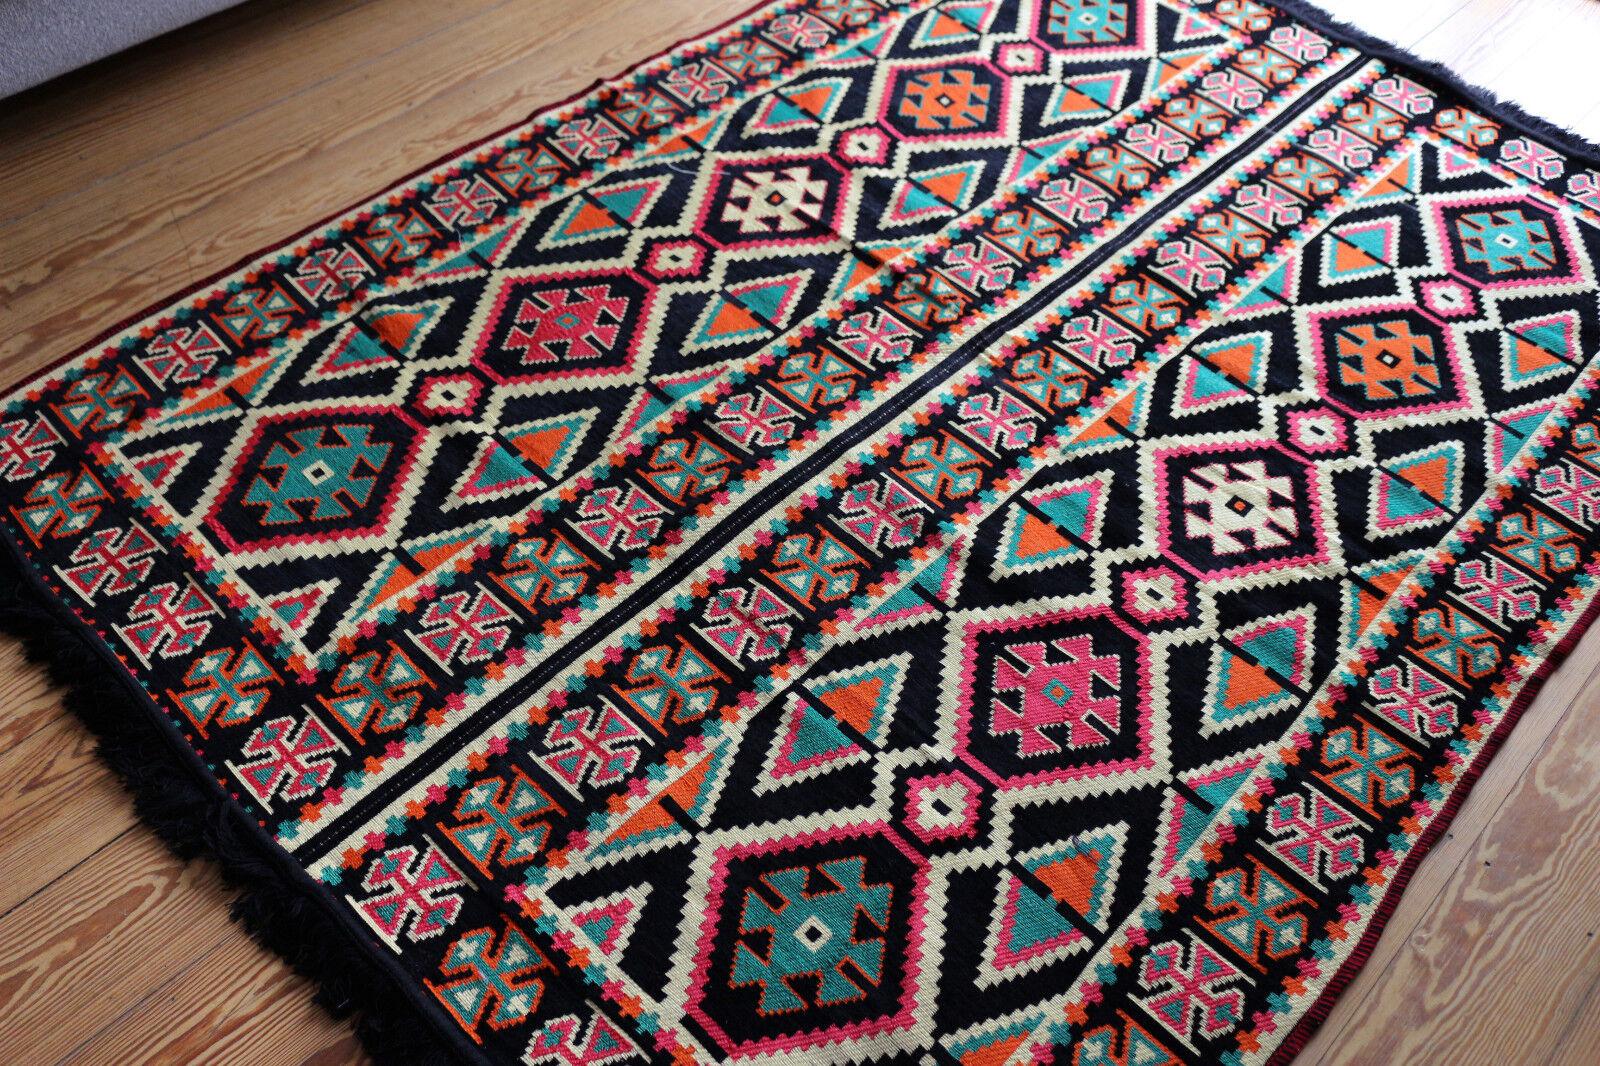 135 CM x 200 cm Tappeto Orientale, Rug, Kilim, Carpet da damaskunst S 1-4-48